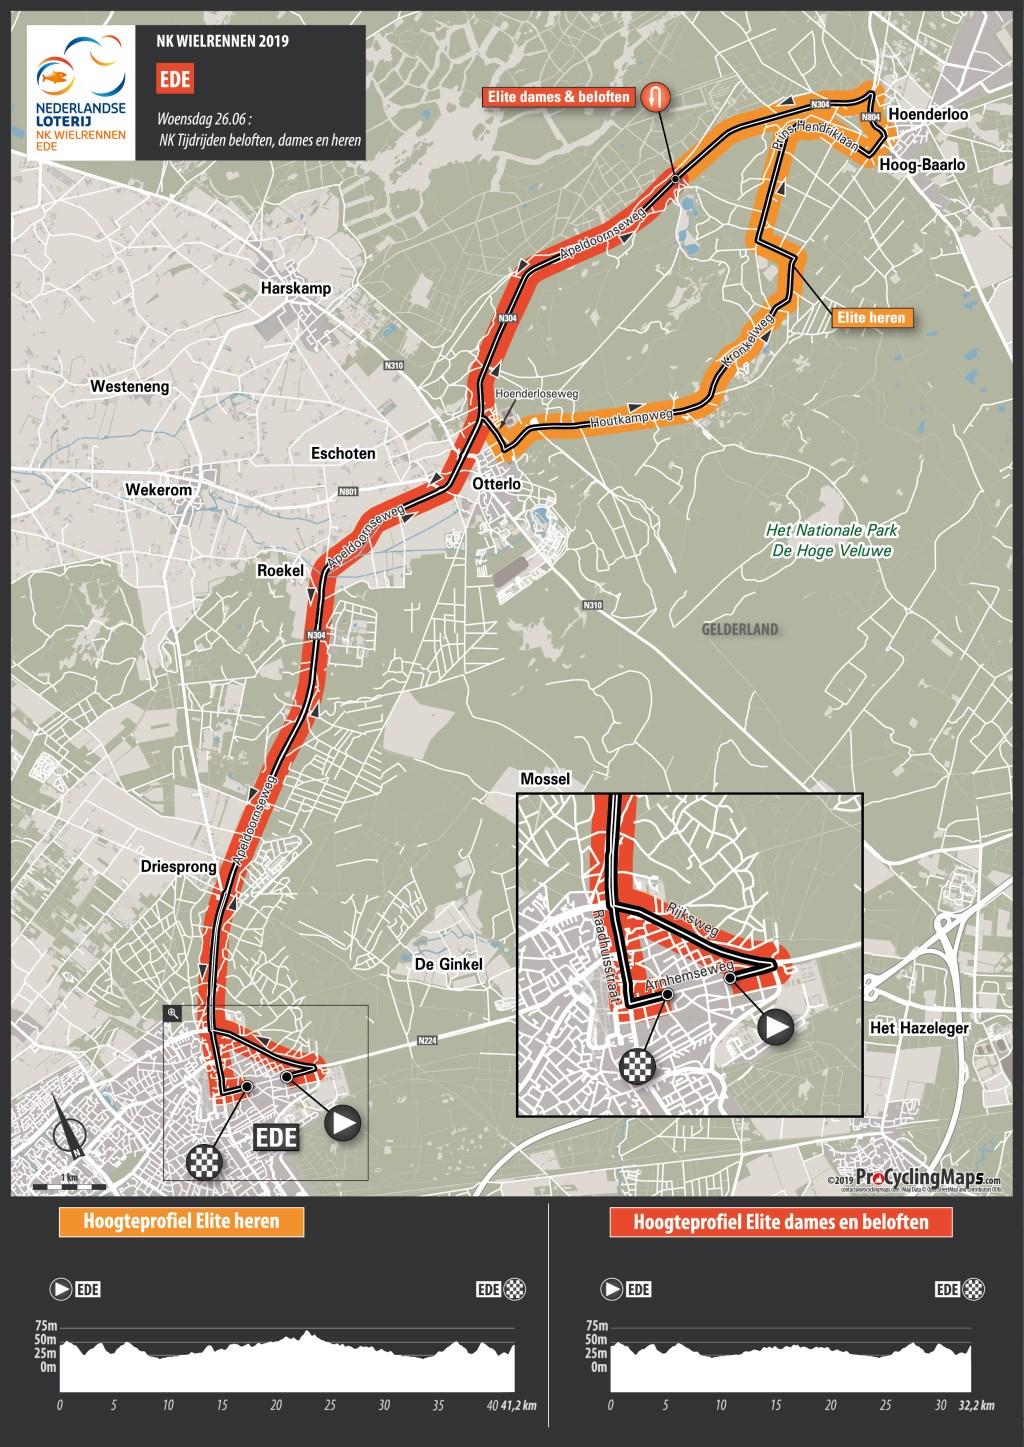 Het parcours van de tijdrit van het NK Wielrennen in Ede. KNWU © BDU Media